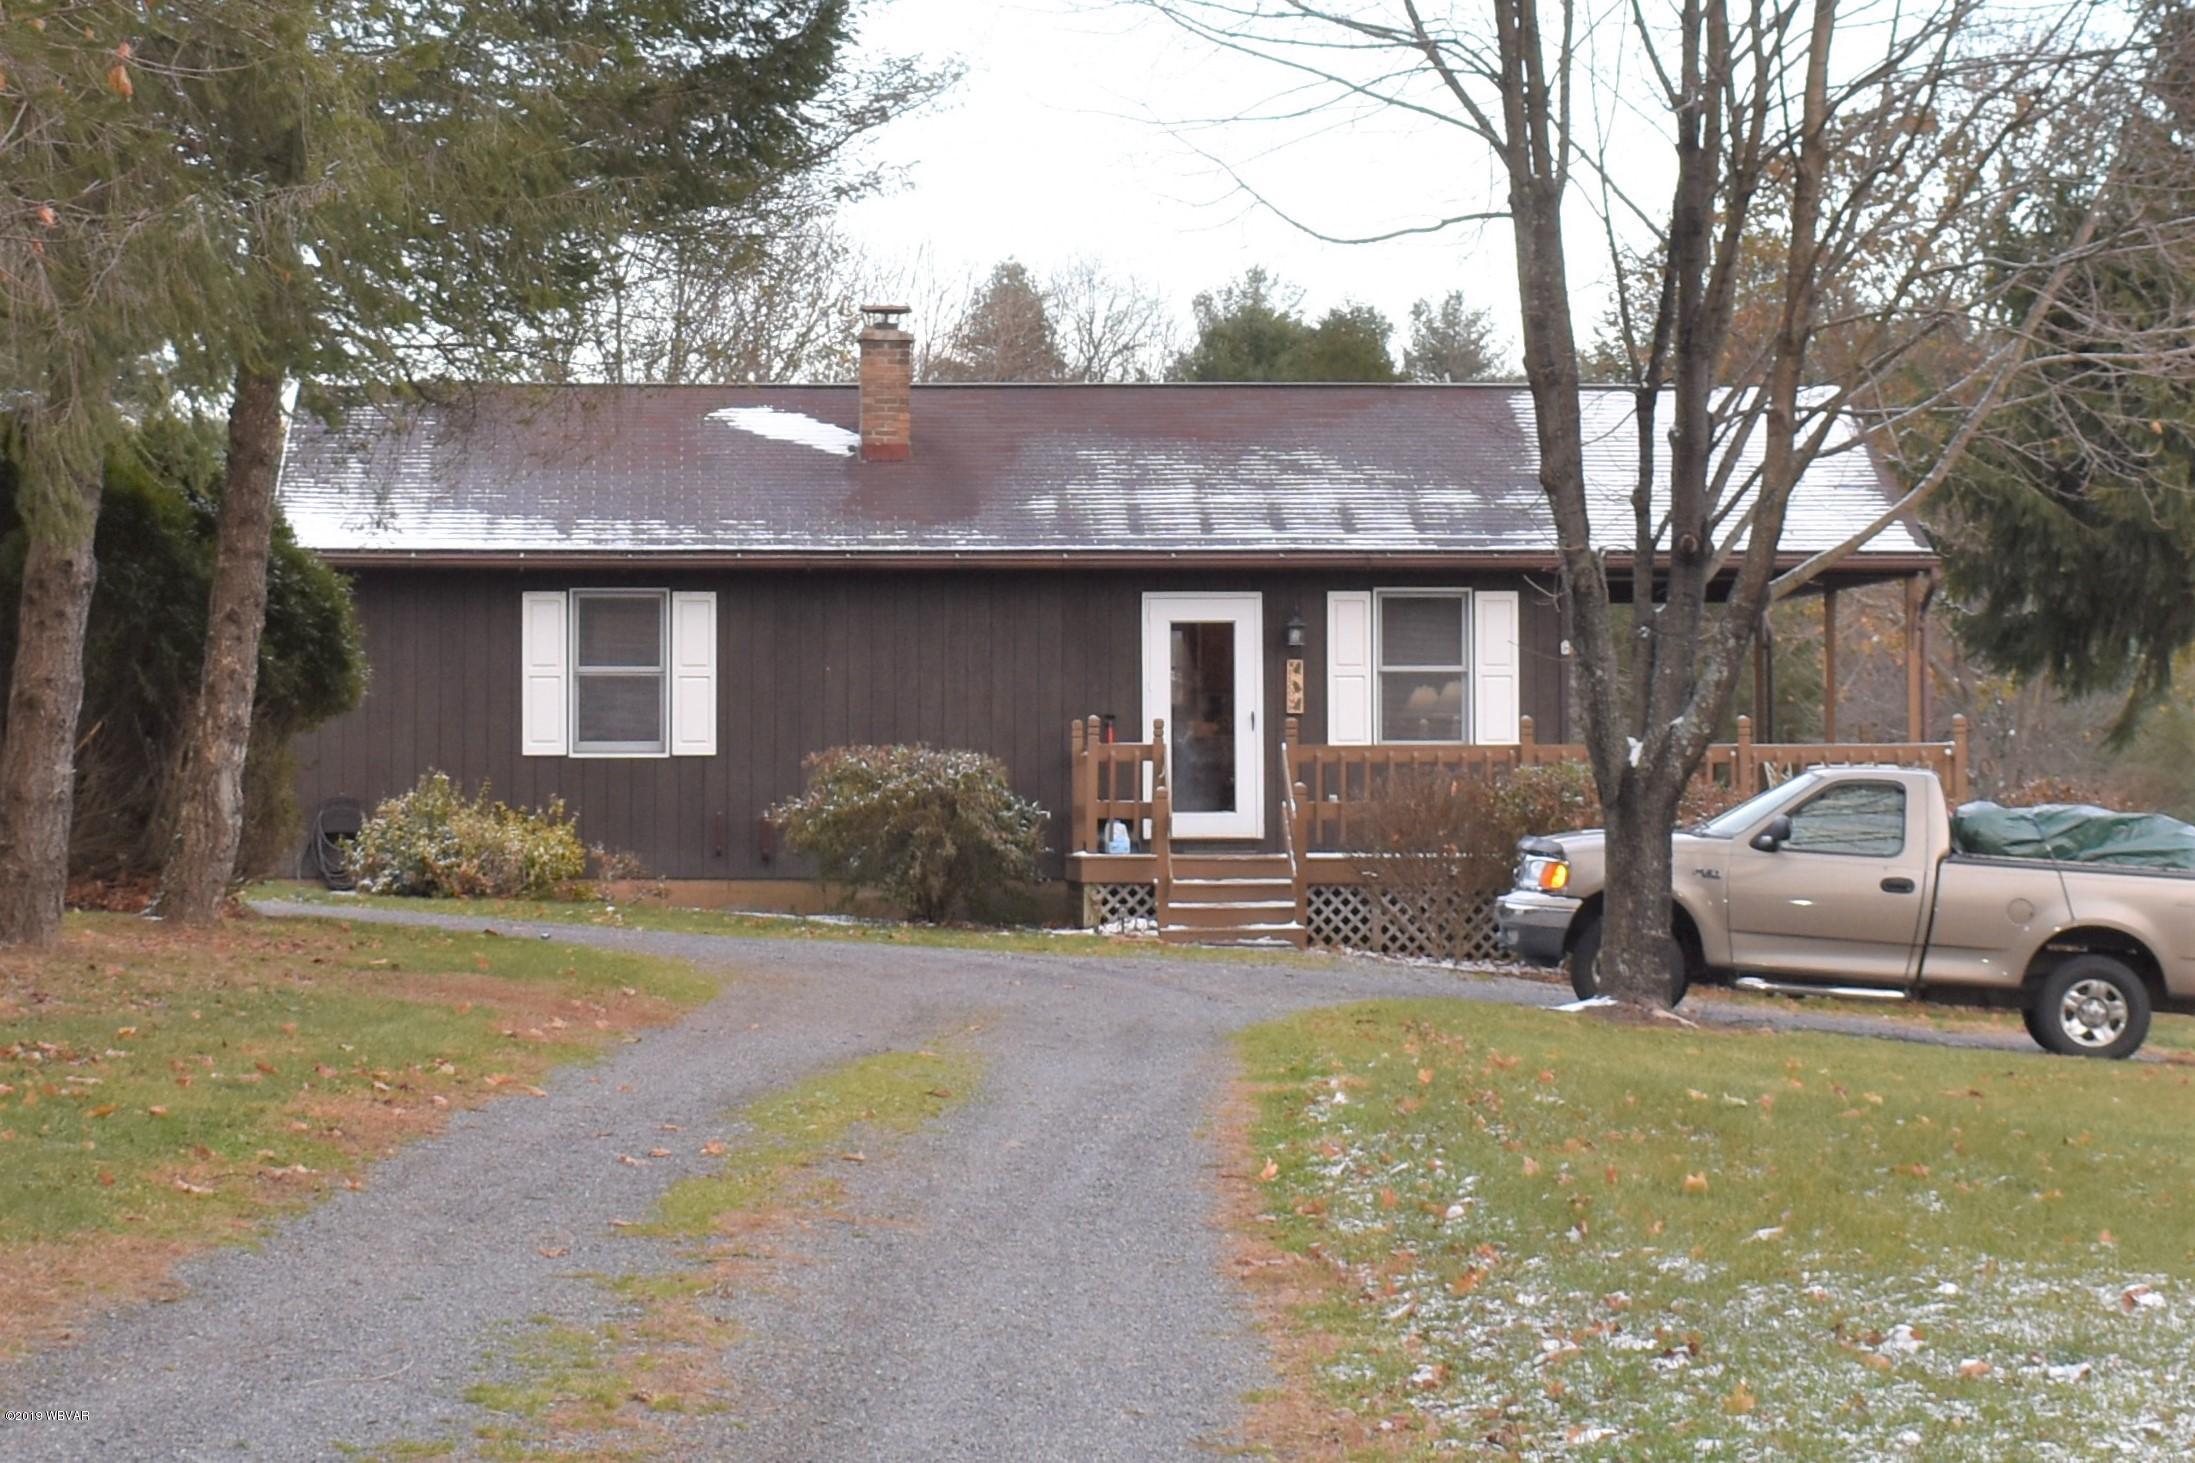 16516 COUDERSPORT PIKE,Lock Haven,PA 17745,2 Bedrooms Bedrooms,2 BathroomsBathrooms,Residential,COUDERSPORT,WB-89086